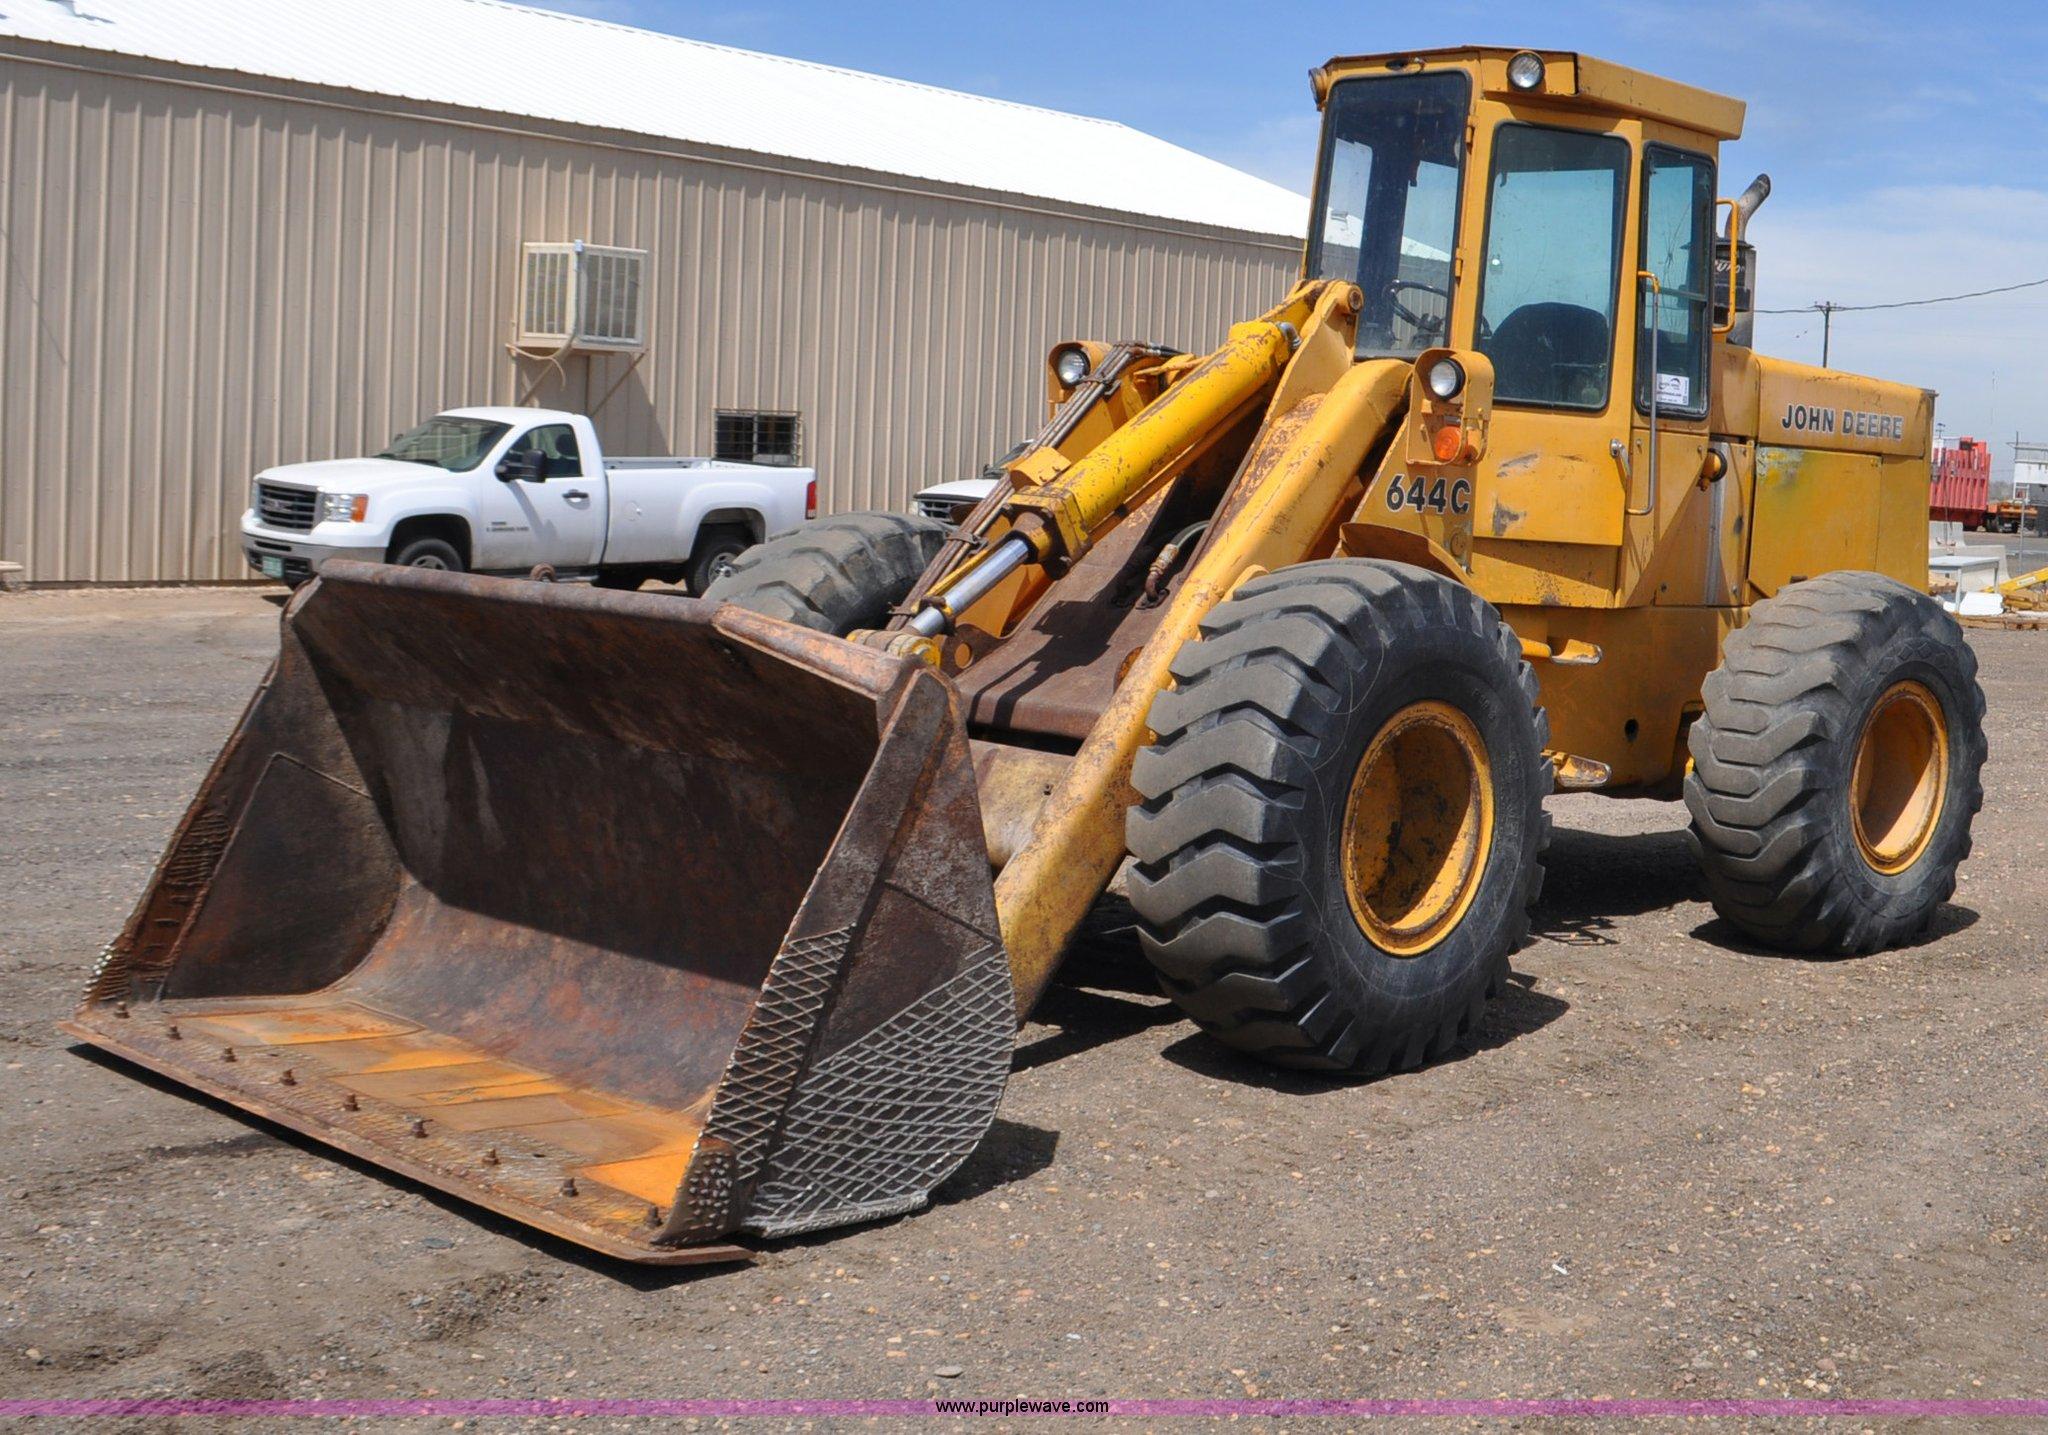 G6456 image for item G6456 1983 John Deere 644C loader